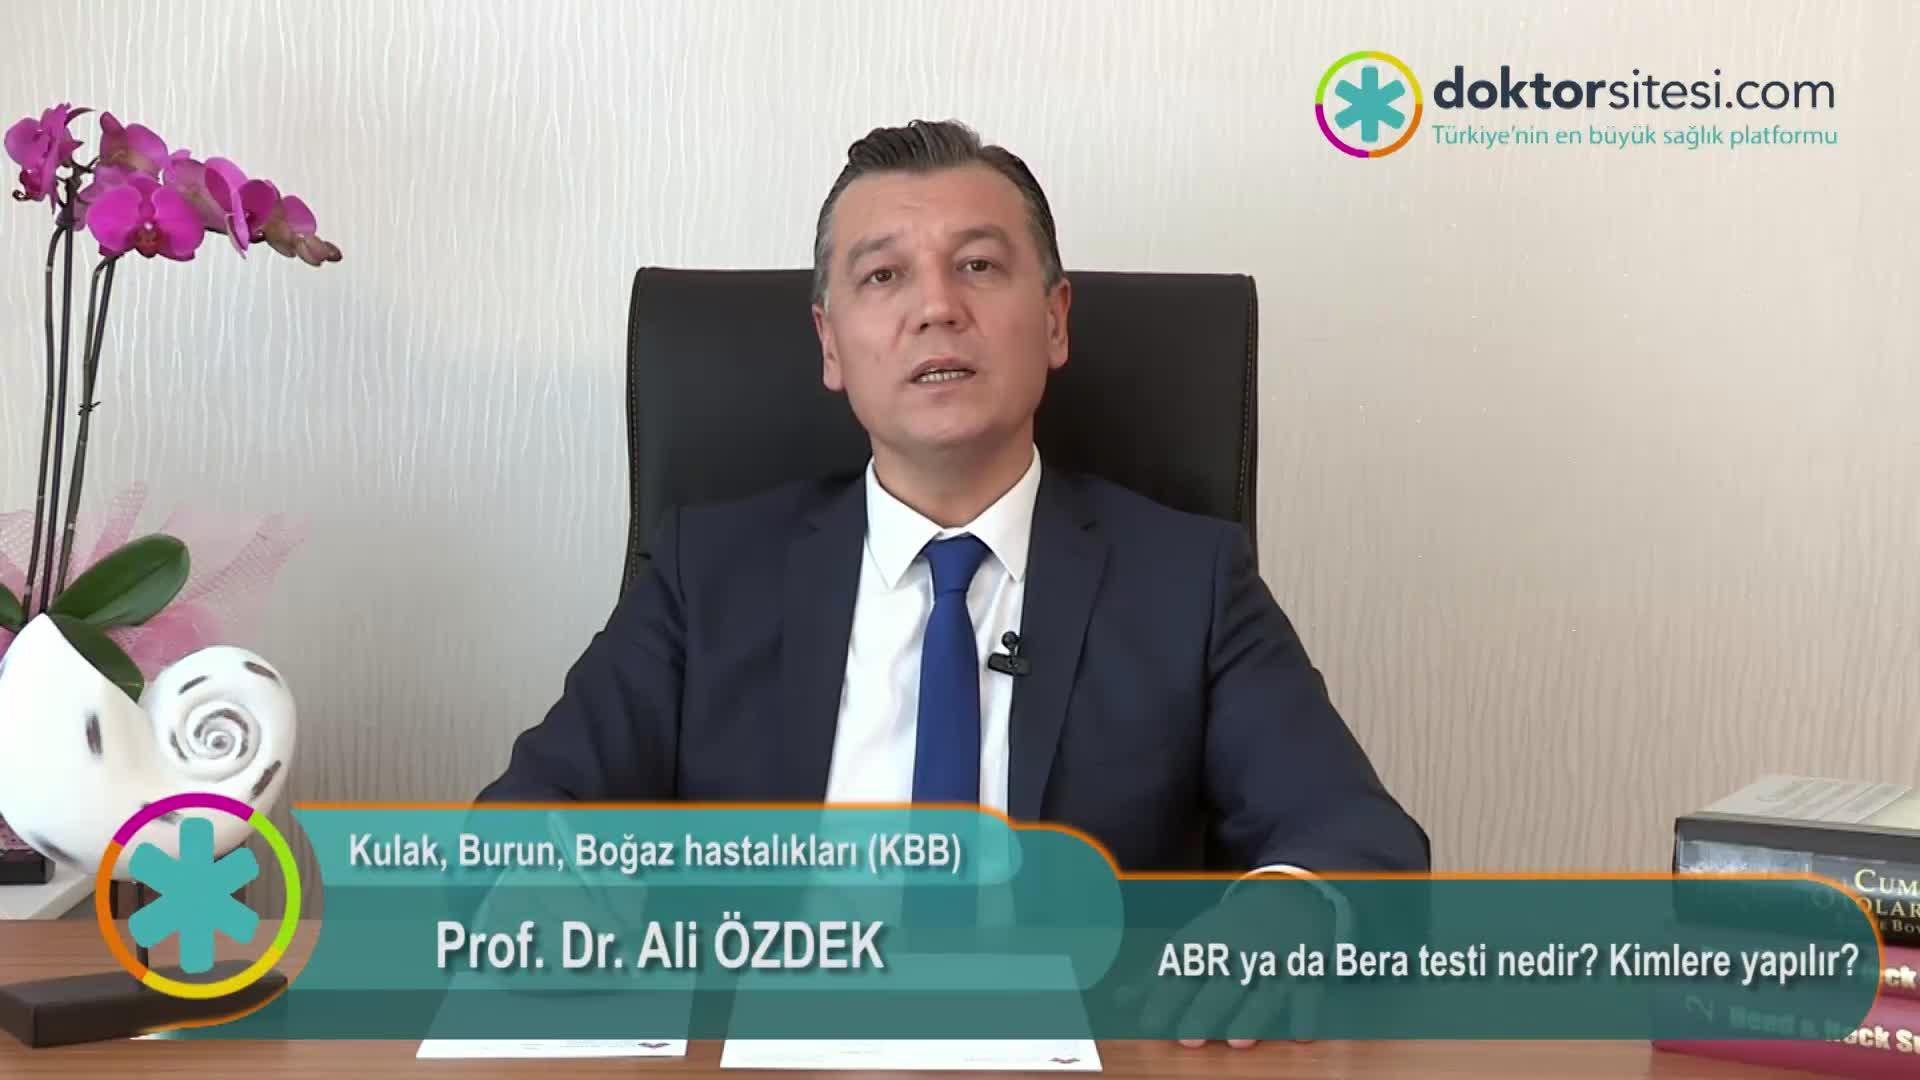 """ABR ya da Bera testi nedir? Kimlere yapılır? """"Prof. Dr. Ali  ÖZDEK"""""""